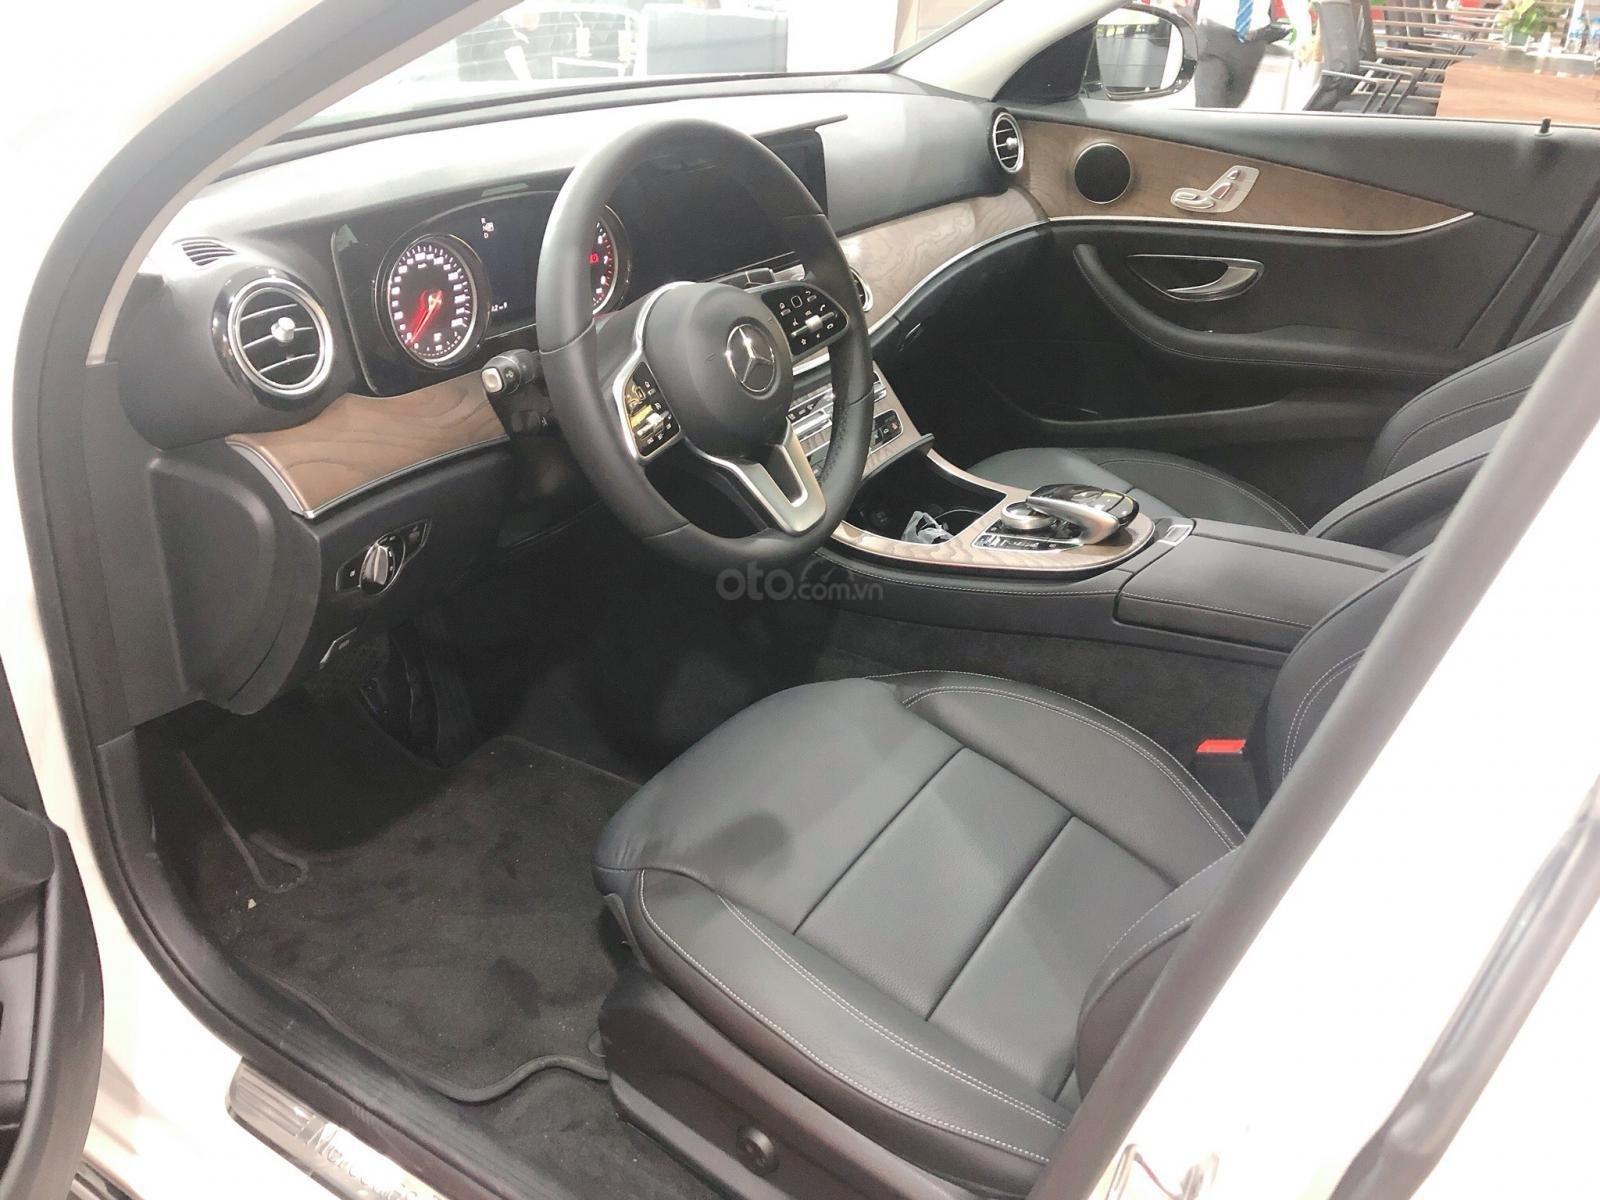 Mercedes E200 2019 đủ màu, giao ngay tại Mercedes Phú Mỹ Hưng (8)